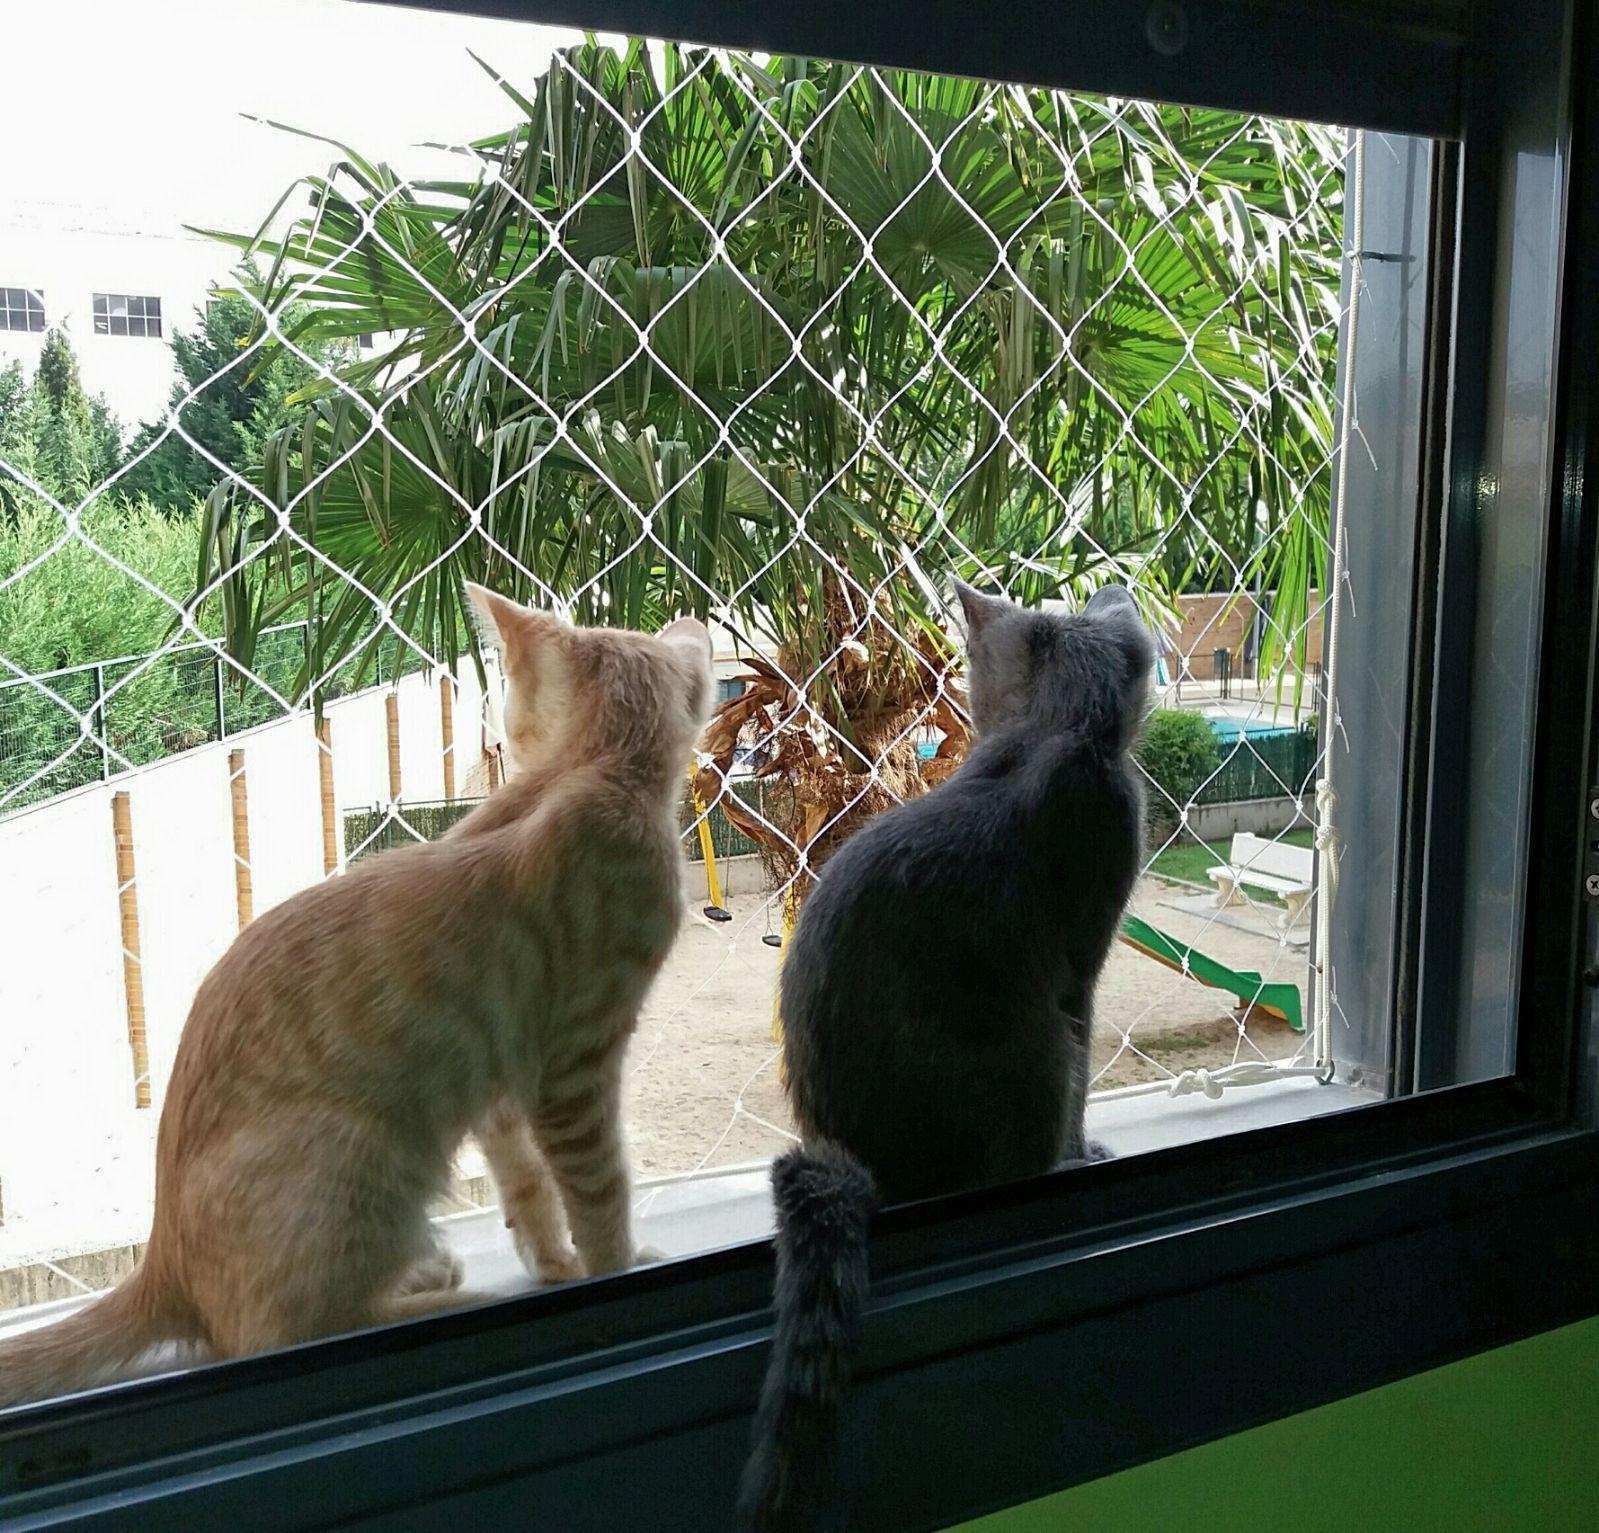 Mallas De Seguridad Para Gatos Y Mascotas Redes Anticaídas Seguridad Para Ventanas Gatos Mascotas